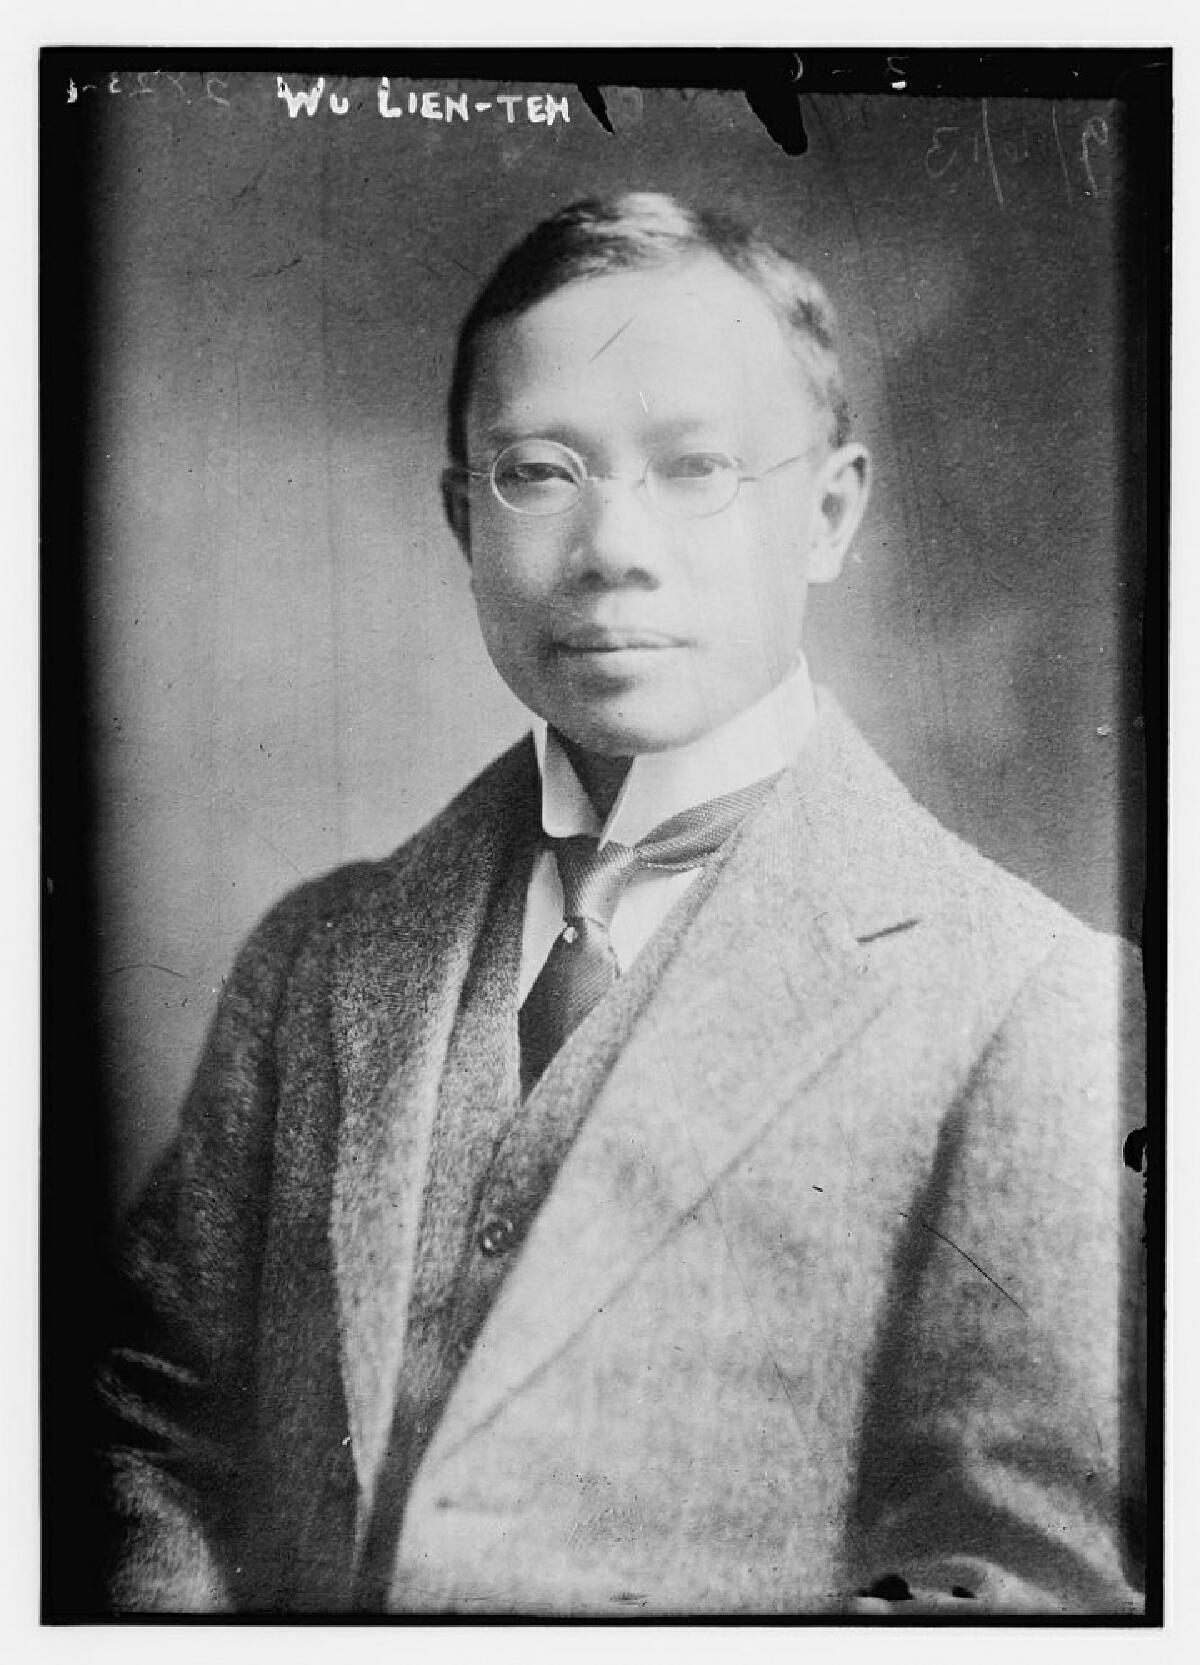 """วันนี้ในอดีต 10 มี.ค.1879 กำเนิดแพทย์หนุ่ม ผู้คิดค้น""""หน้ากากอนามัย"""""""